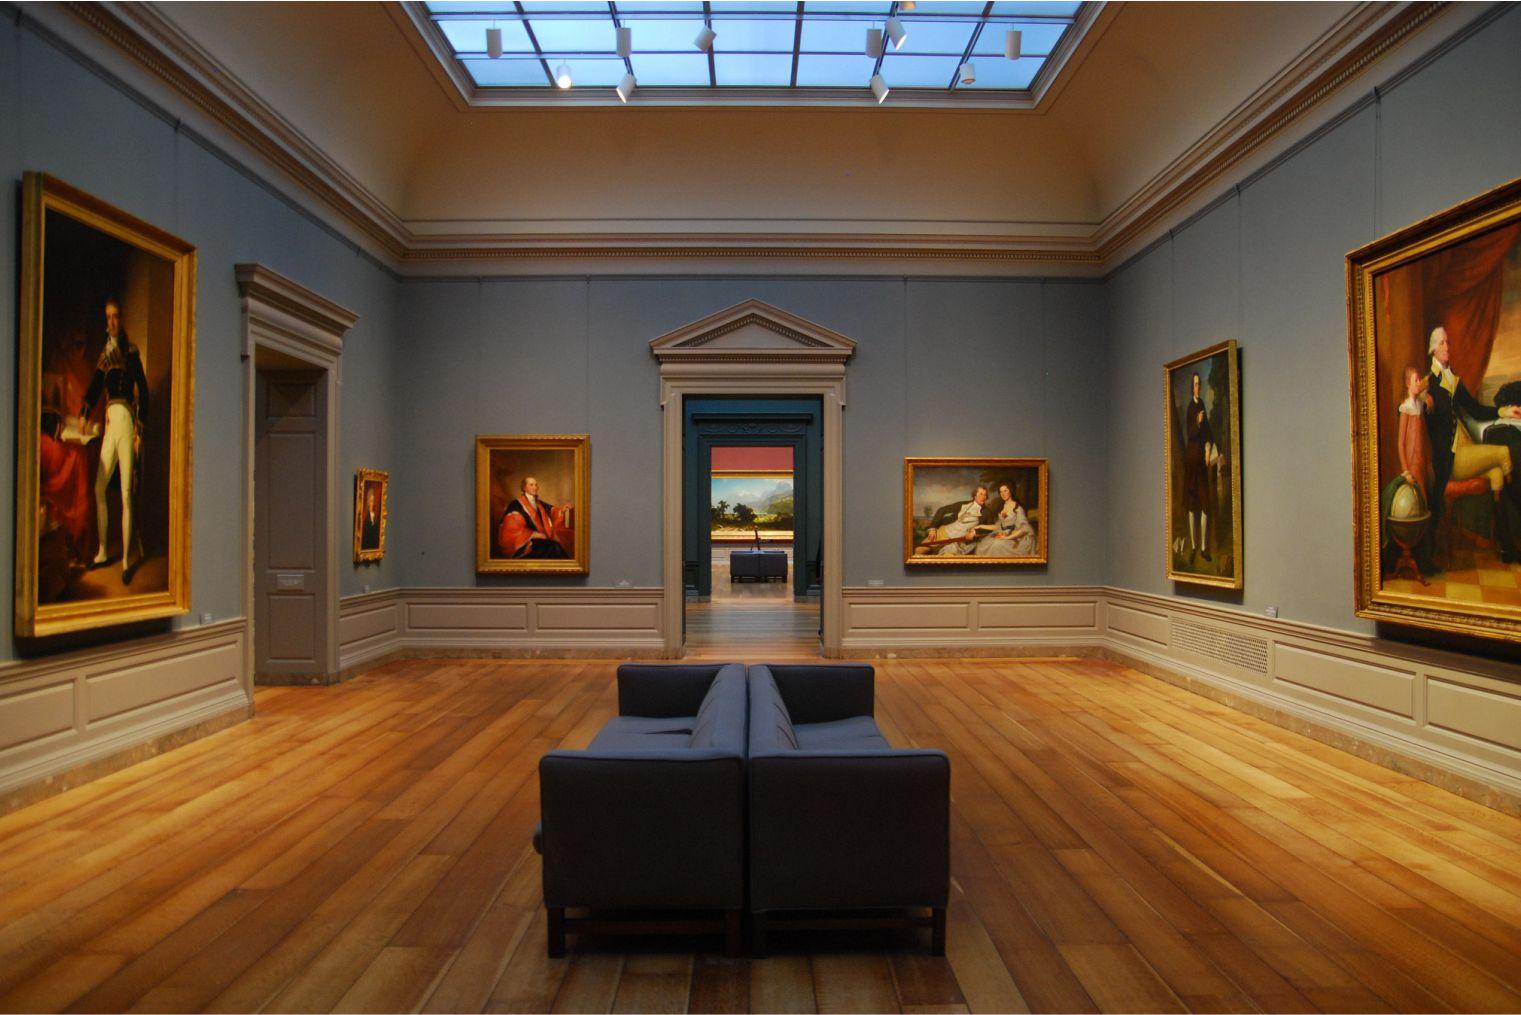 Национальная галерея искусств. Вашингтон. National Gallery of Art, Washington